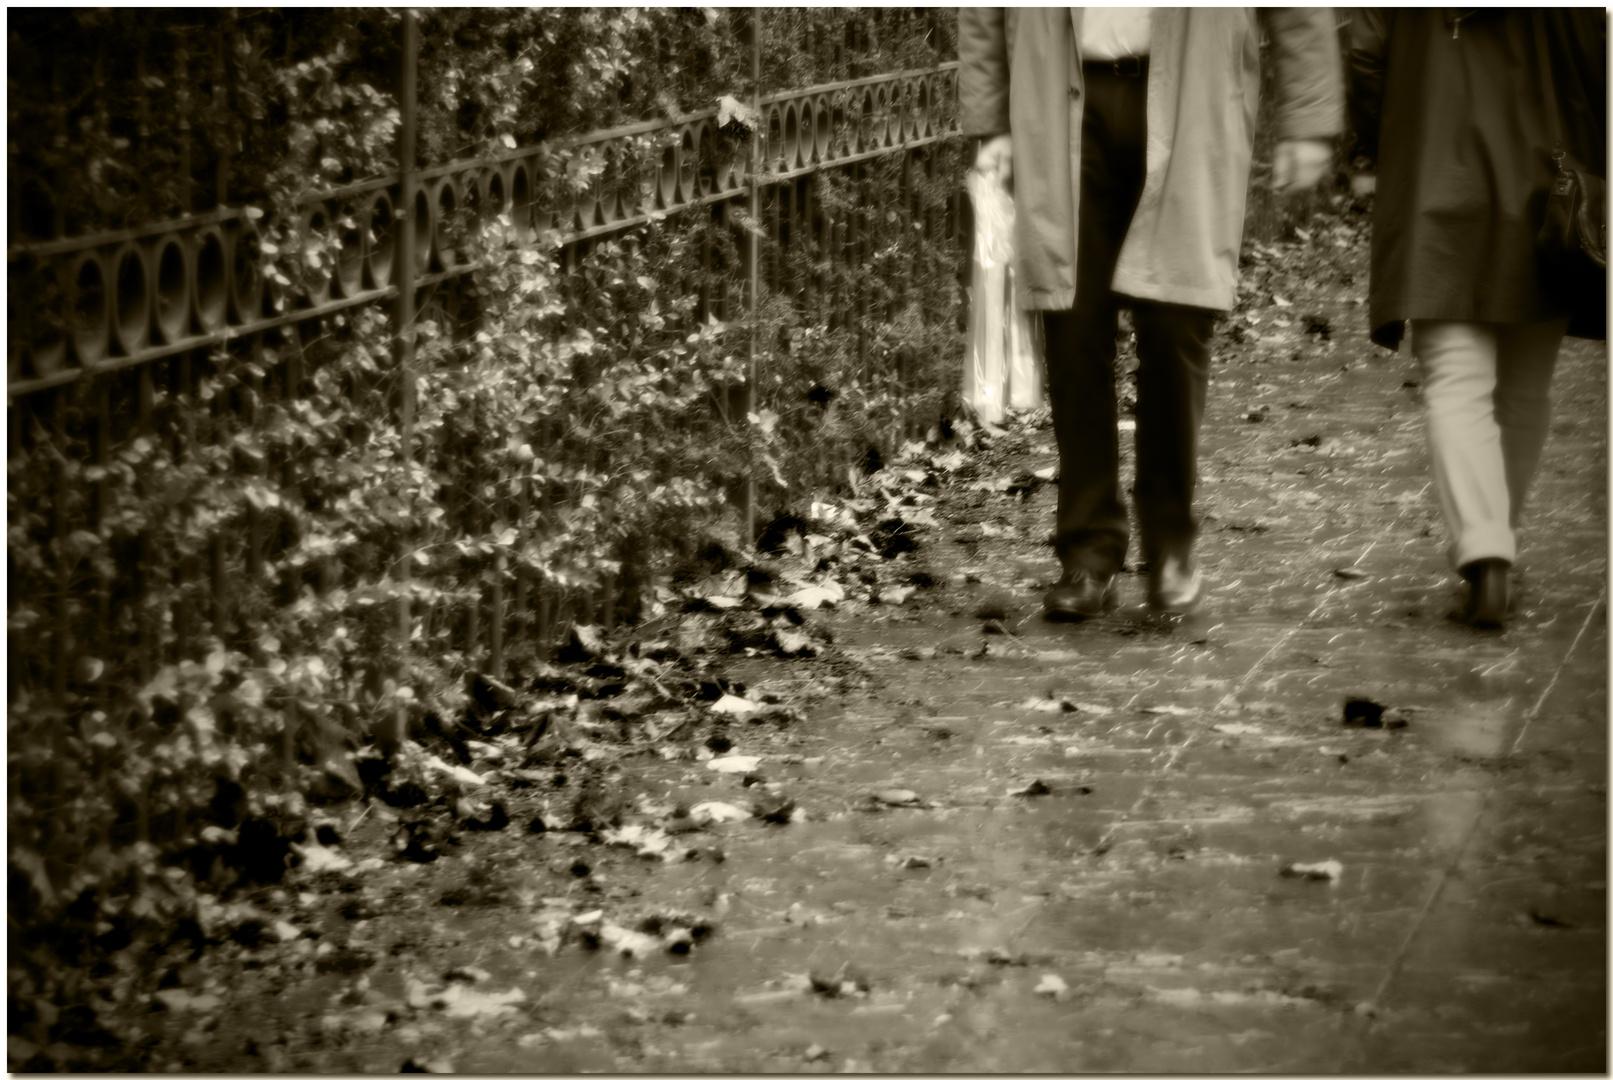 Automne à Bruxelles I Les feuilles mortes